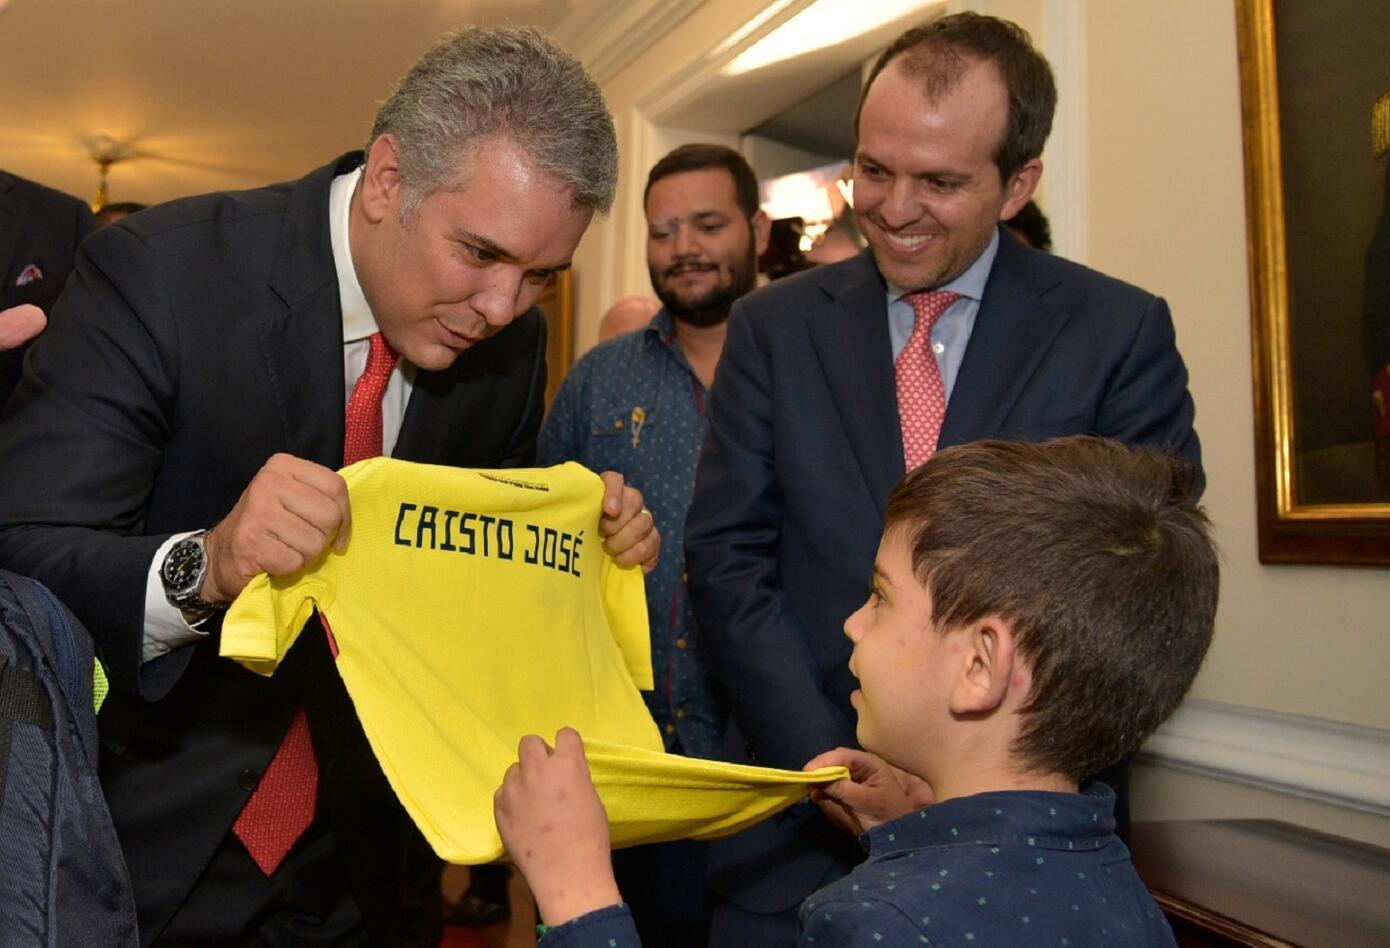 Entre los numerosos obsequios que recibió Cristo José Contreras de manos del Presidente Duque, el que le causó mayor alegría fue la camiseta de la Selección Colombiana de Fútbol con su propio nombre.